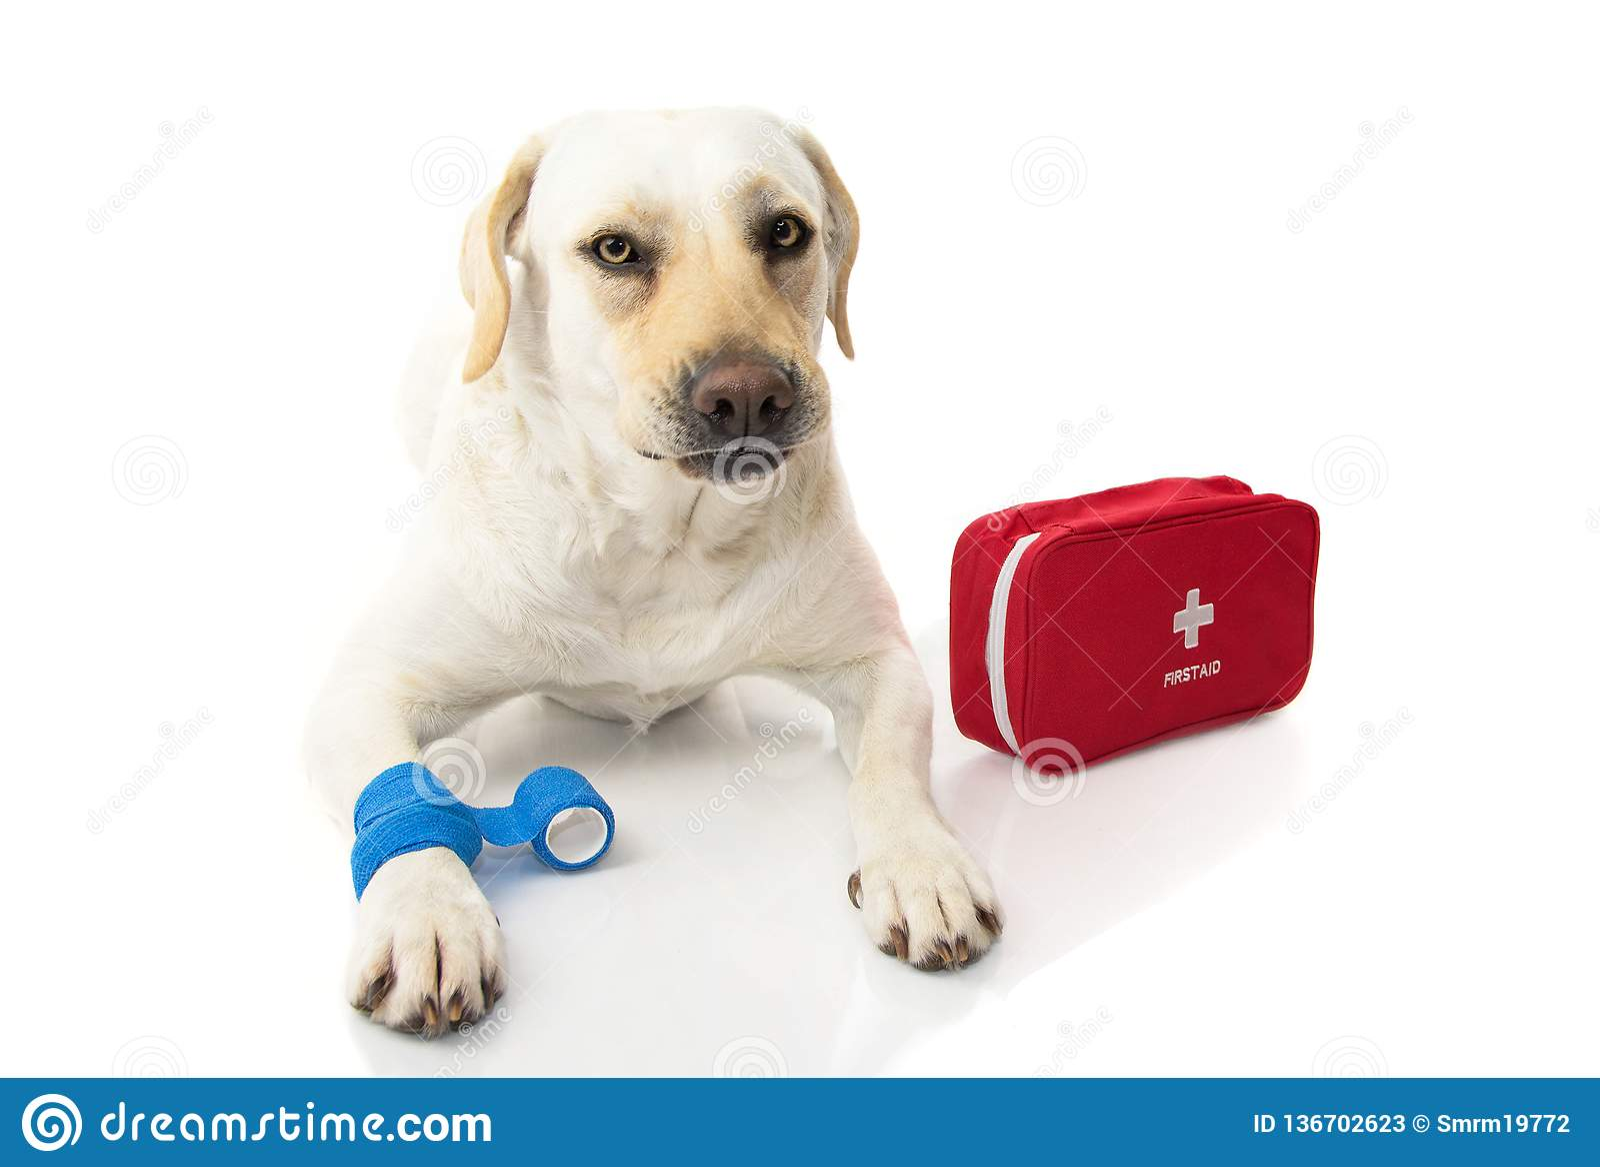 Psia choroby LABRADORA ŁGARSKI puszek Z, FIRT pomocy zestaw, nagły wypadek PIESZO I LUB Robienie twarzy